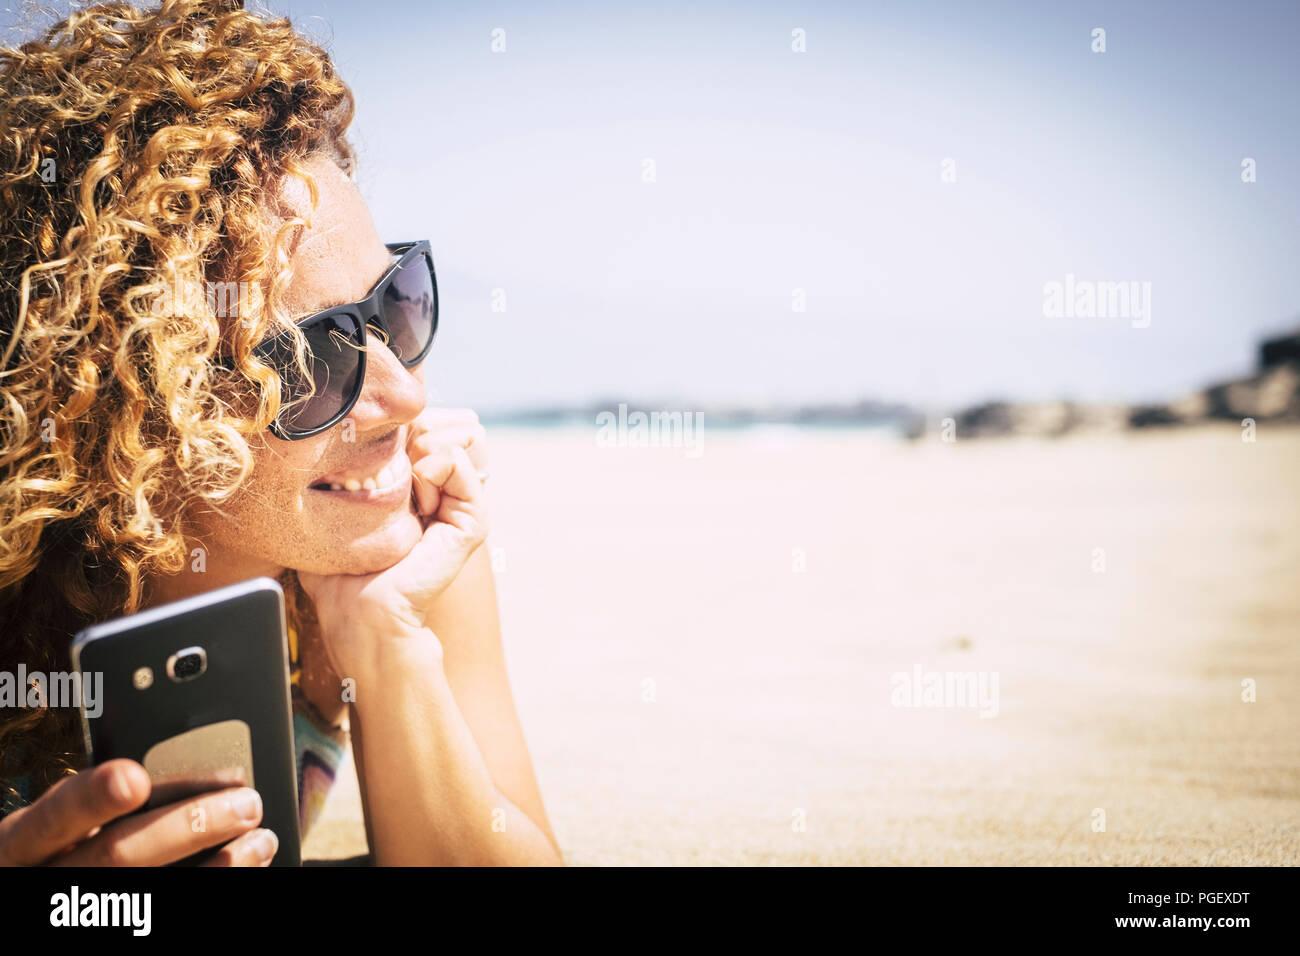 Fröhlich und attraktive junge Frau legte sich auf den weißen Sand am Strand in Paradise Resort vacationo und die Urlaubszeit genießen. Verwenden Sie die Funktion zu bleiben Stockbild